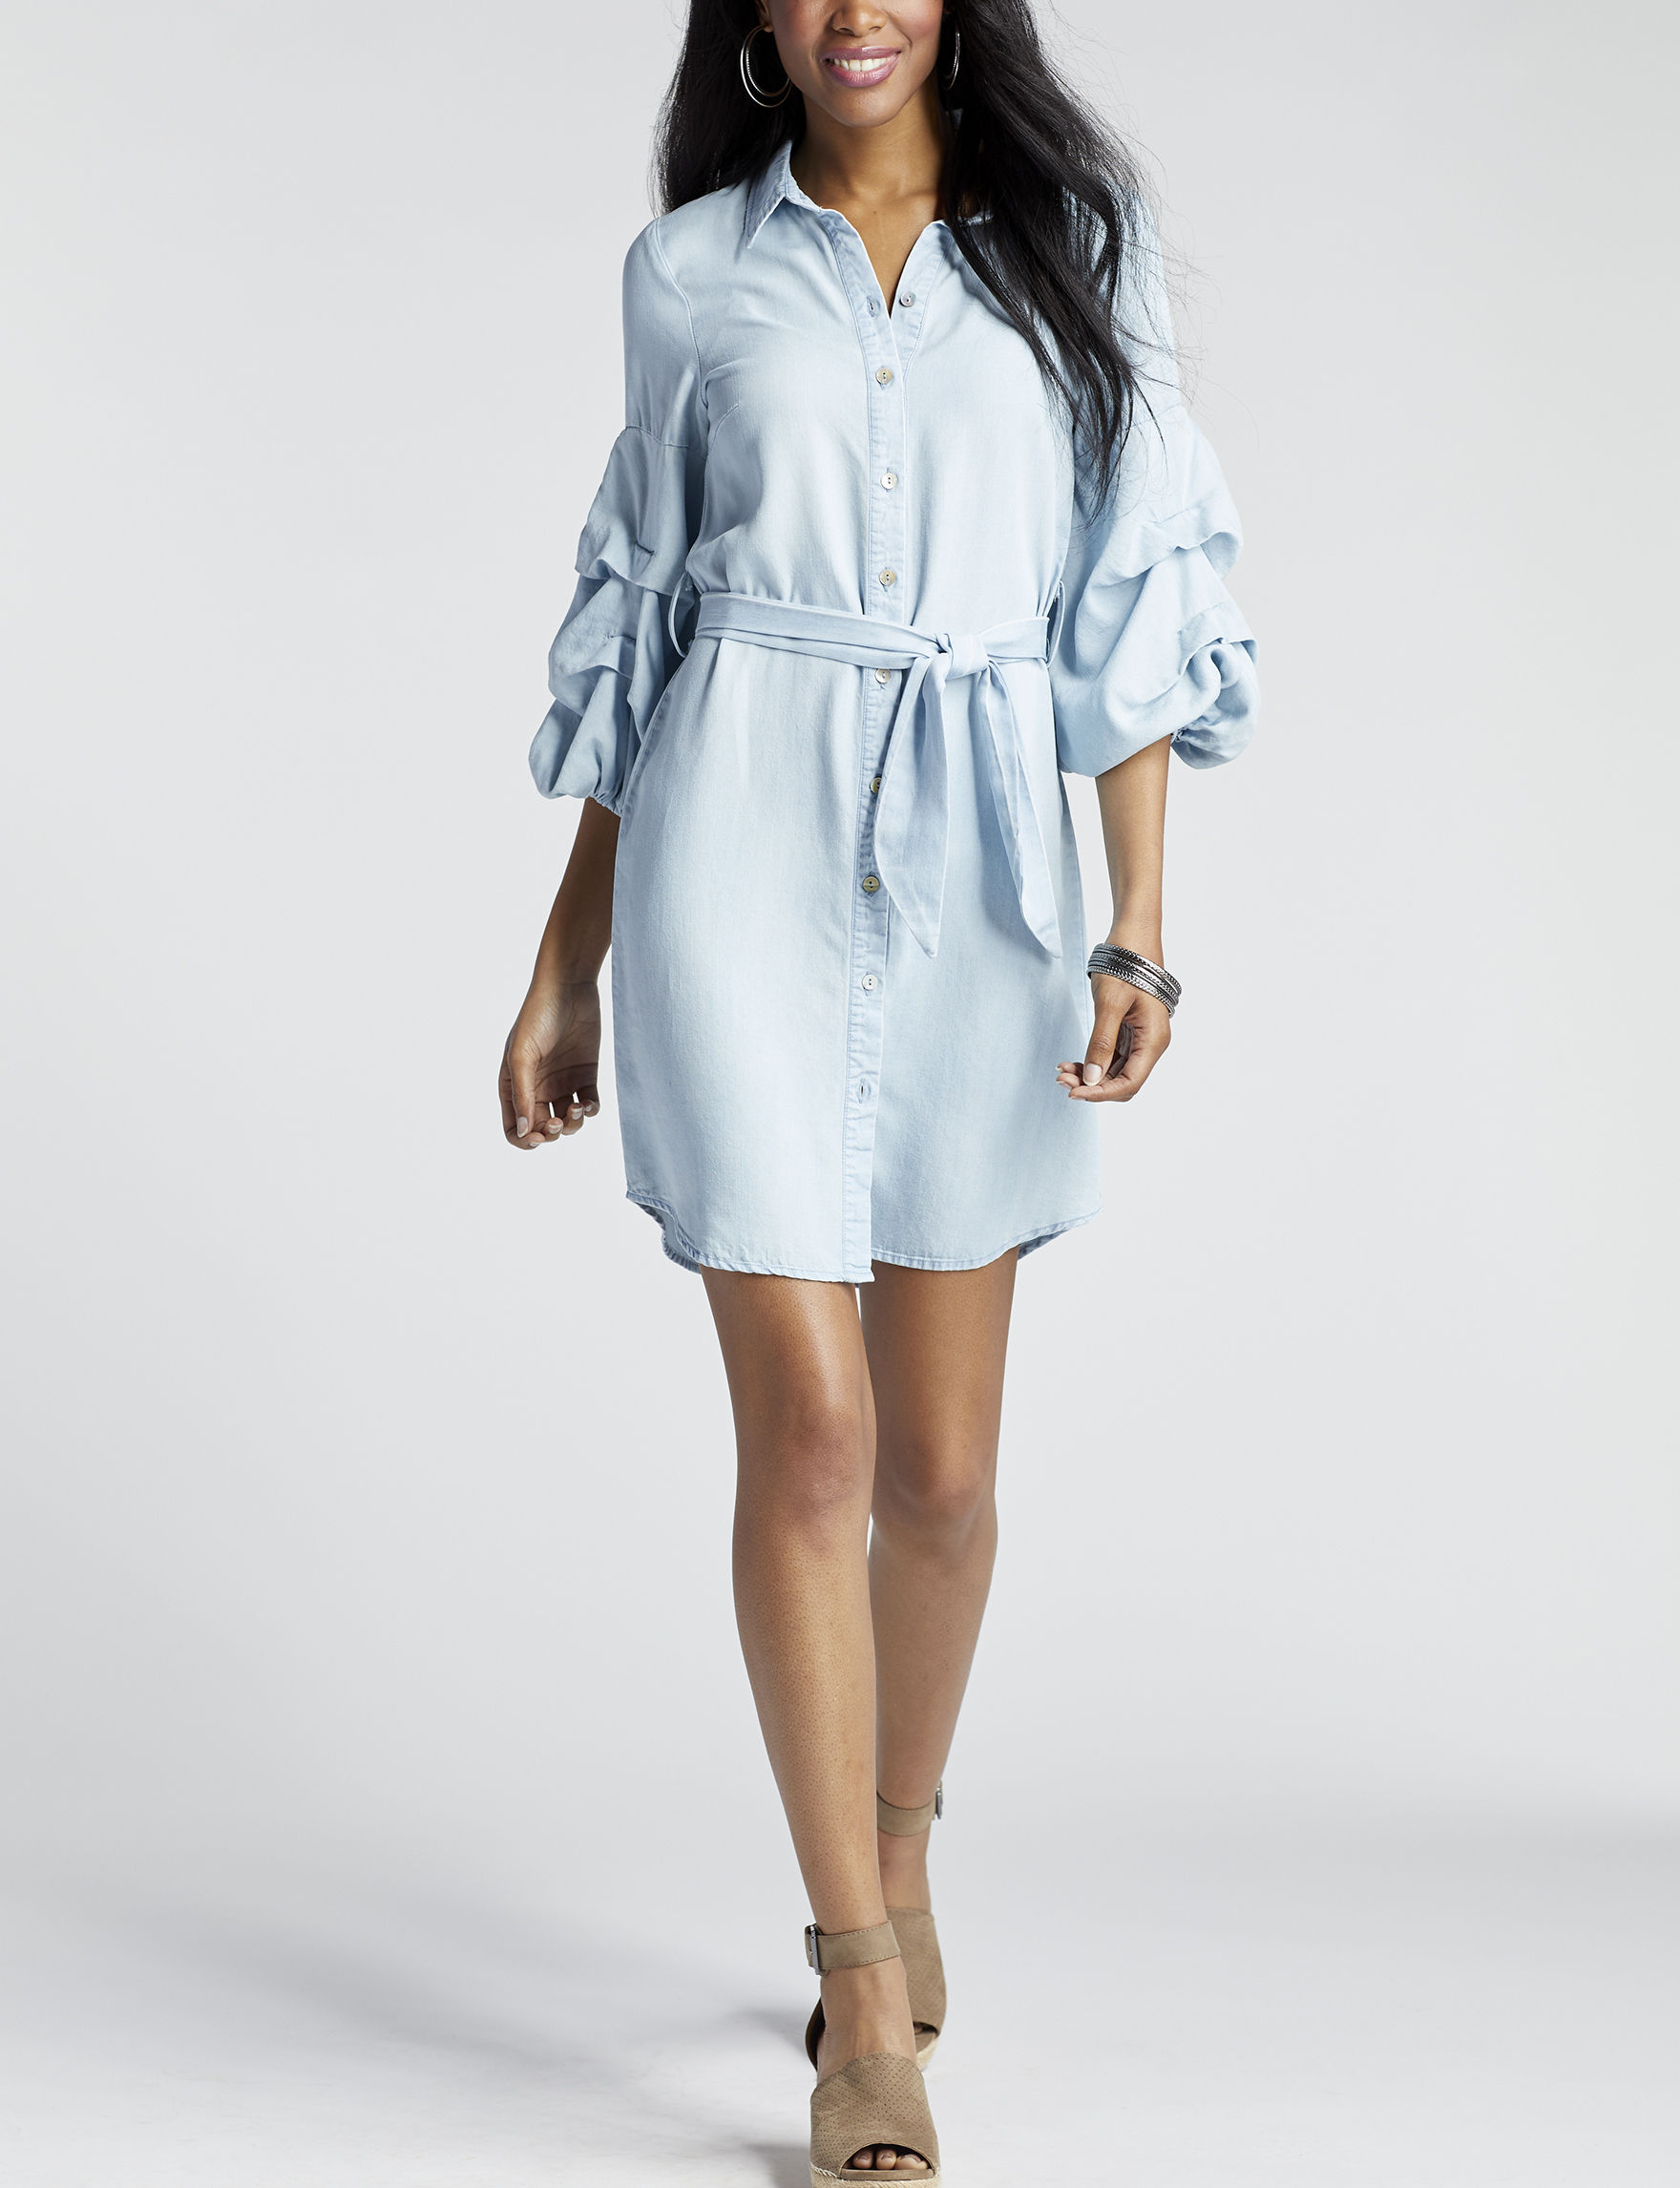 Spense Blue Everyday & Casual Shirt Dresses